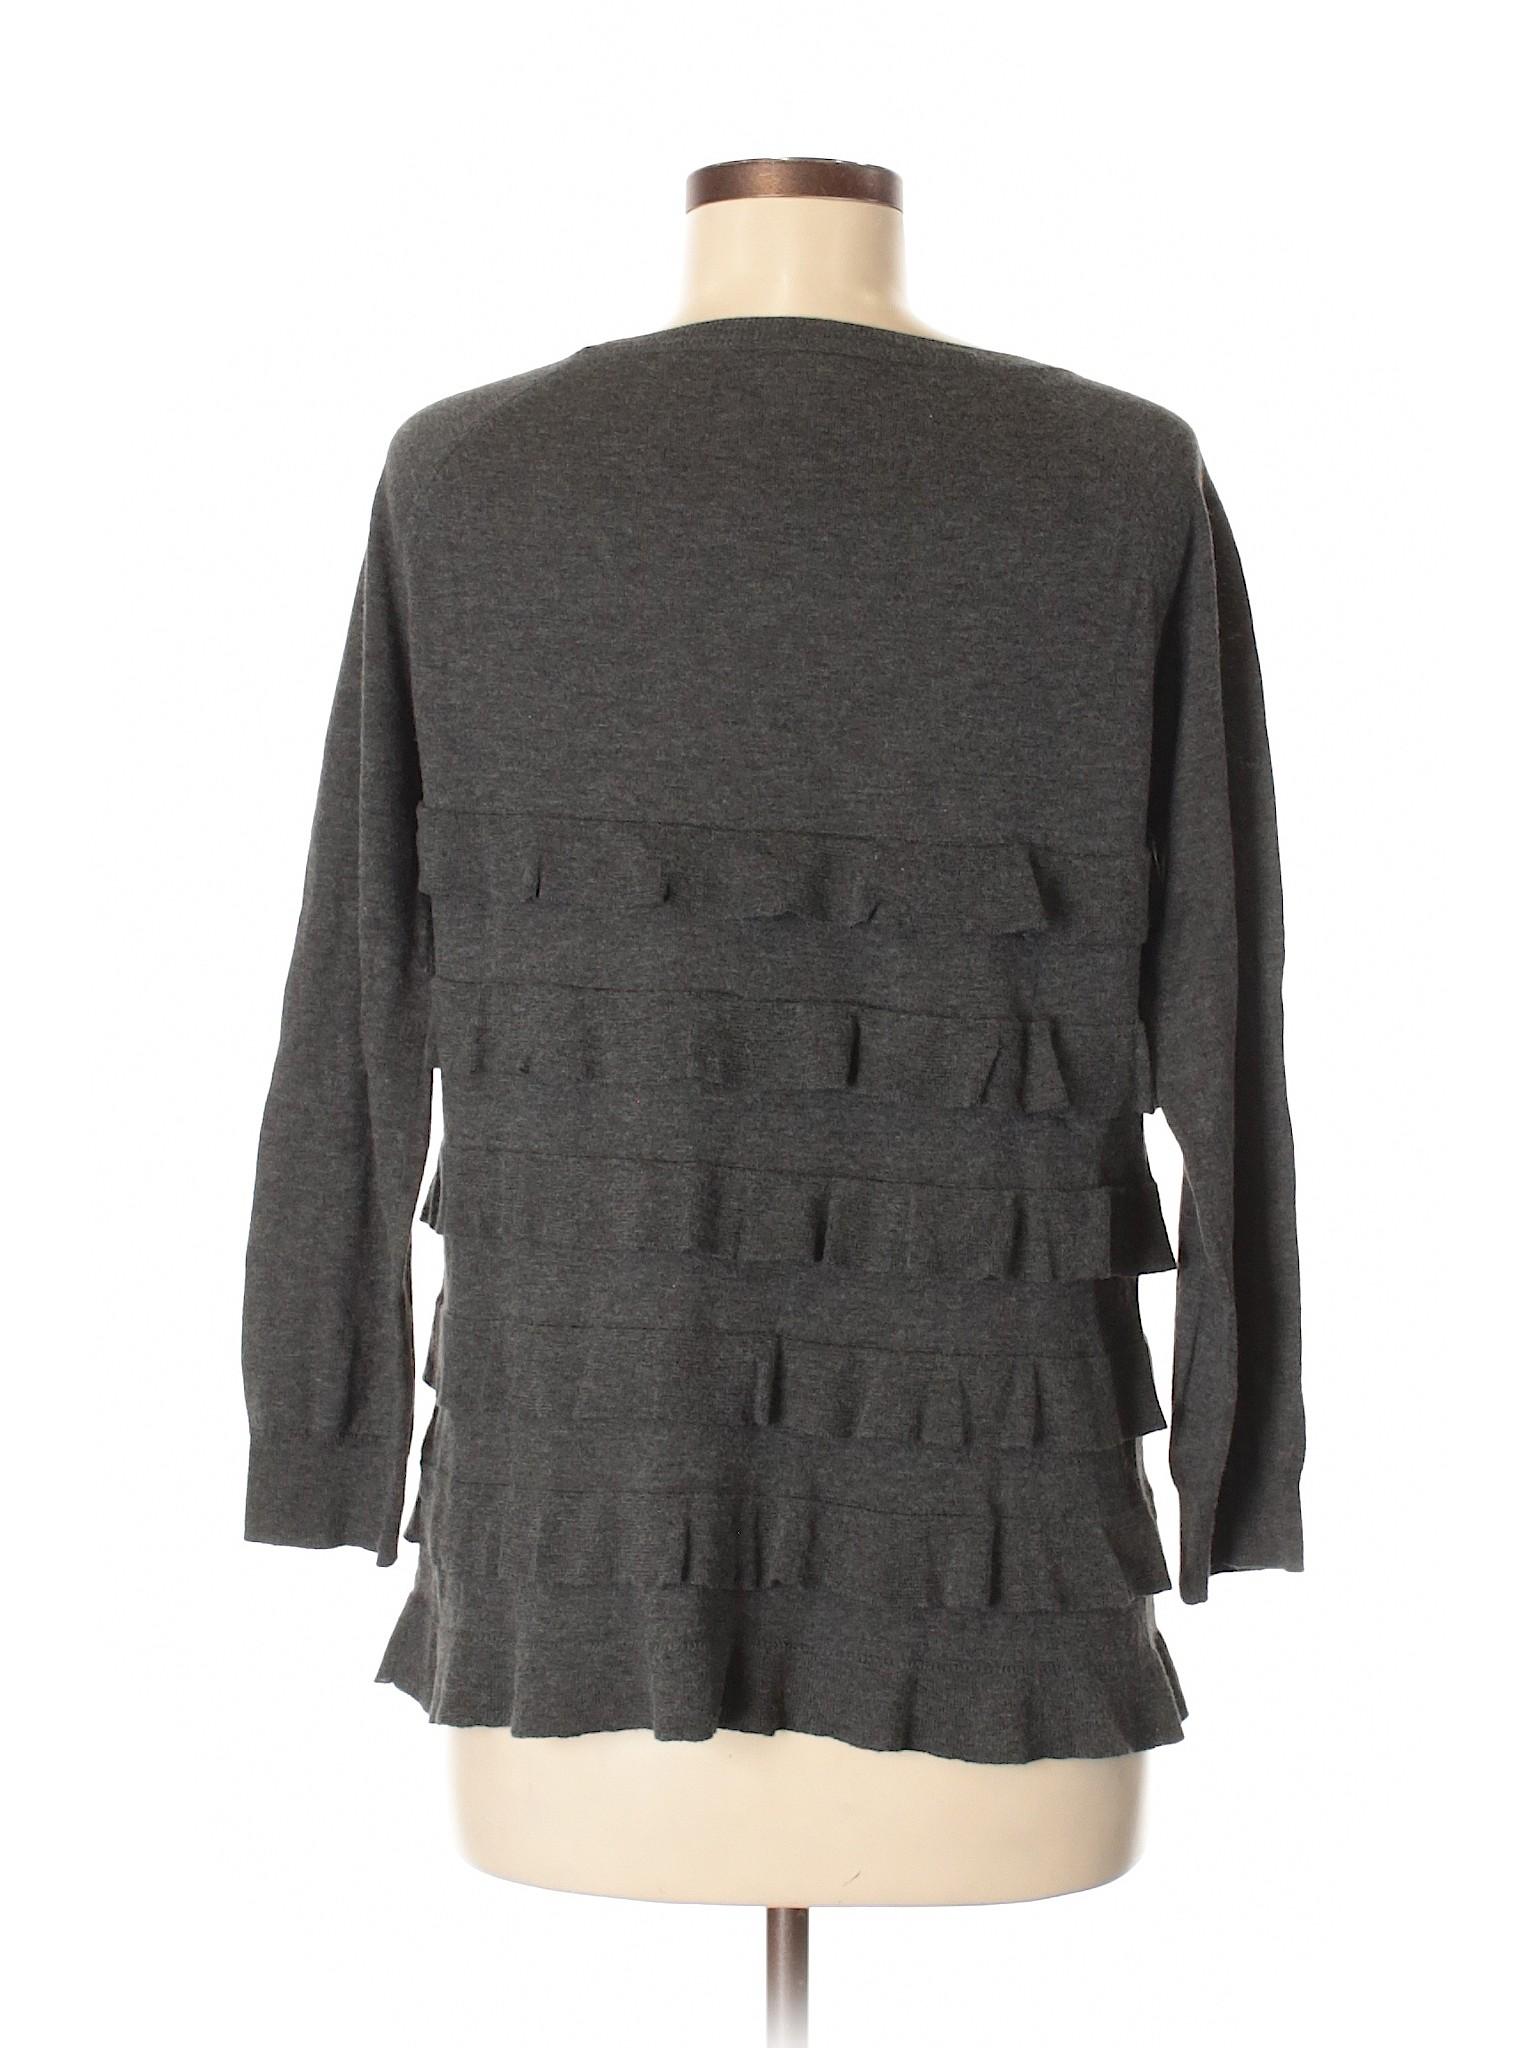 winter Crew Boutique Sweater J Pullover AqEdRO